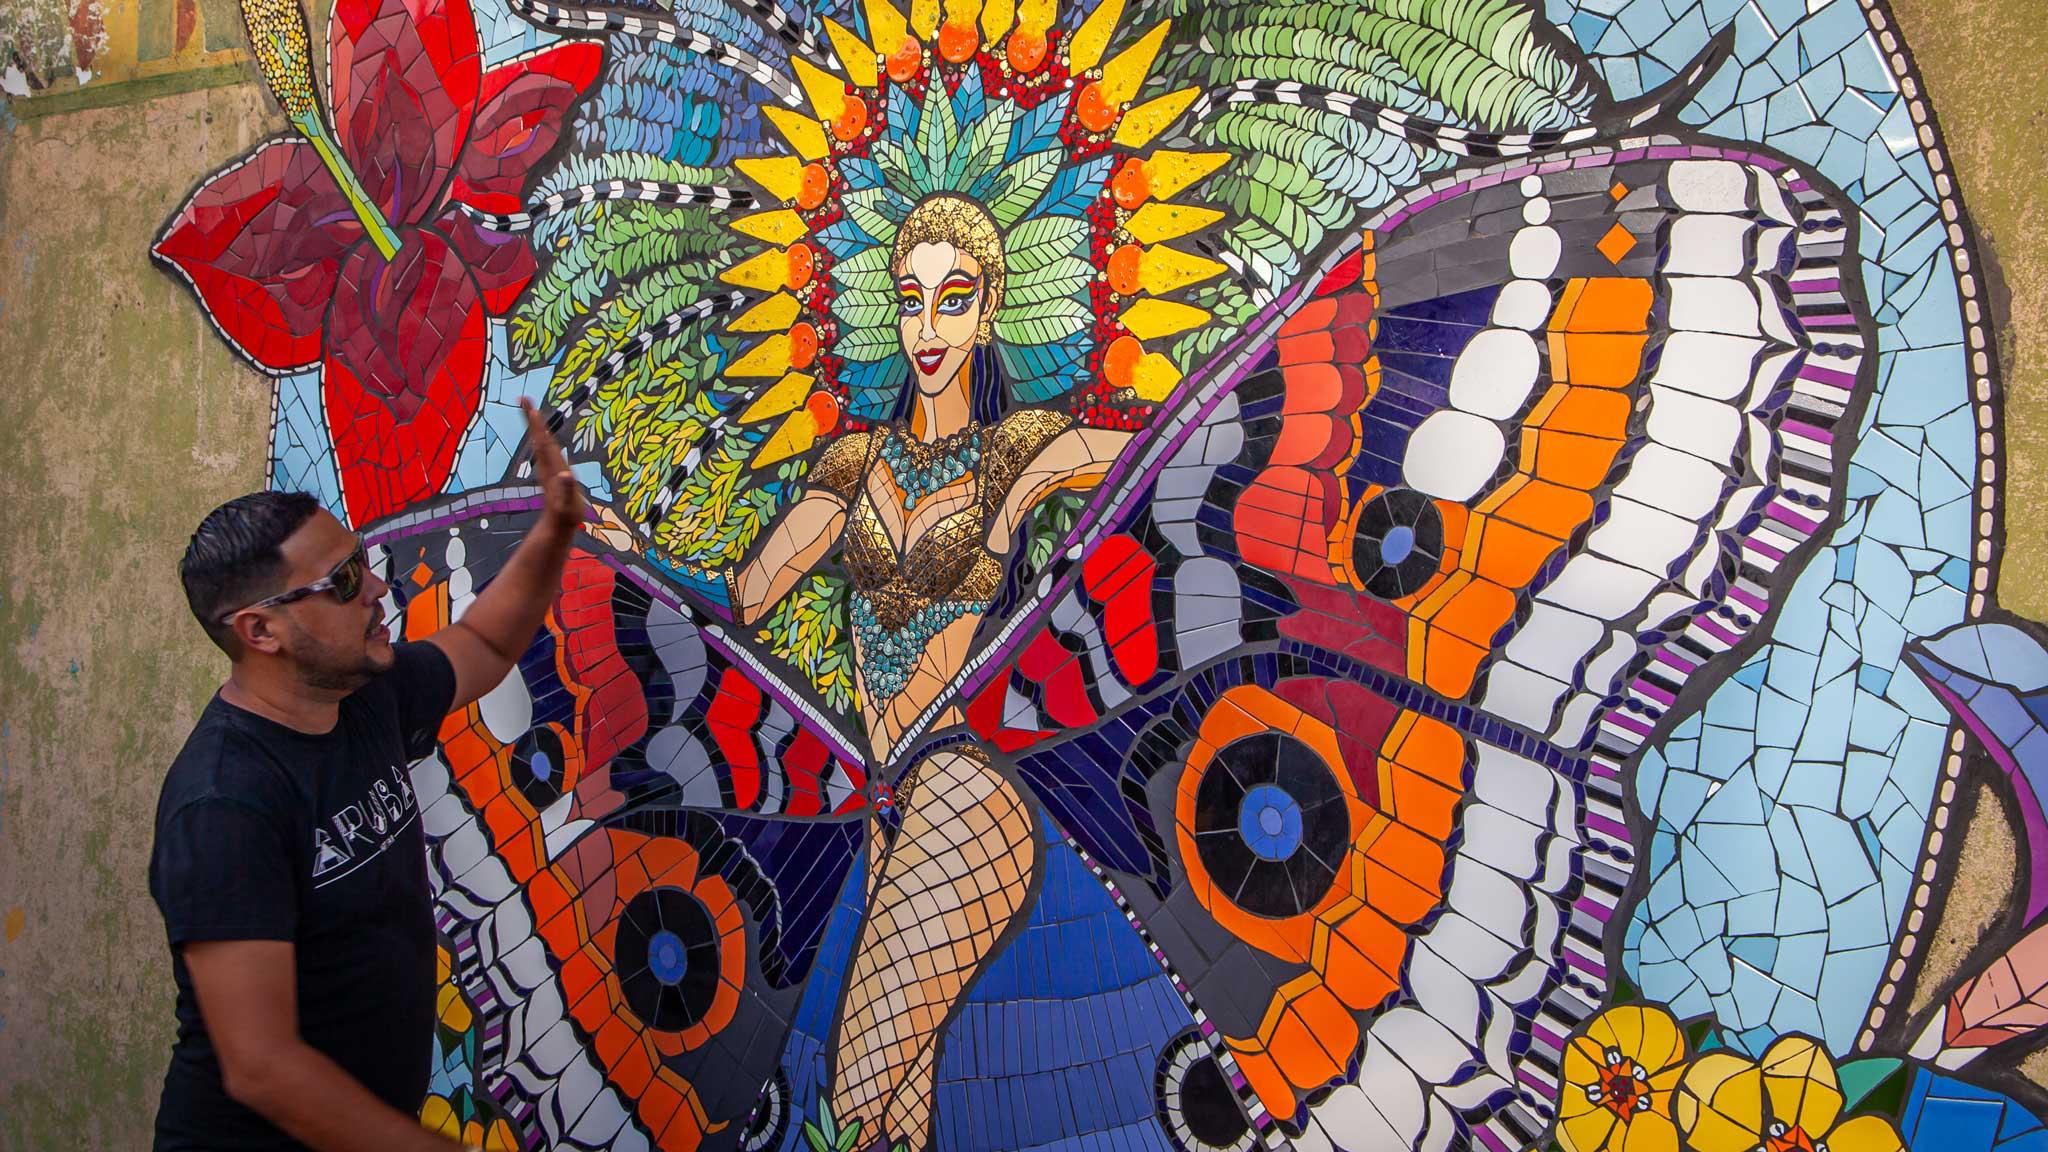 Aruba San Nicolas Street Art